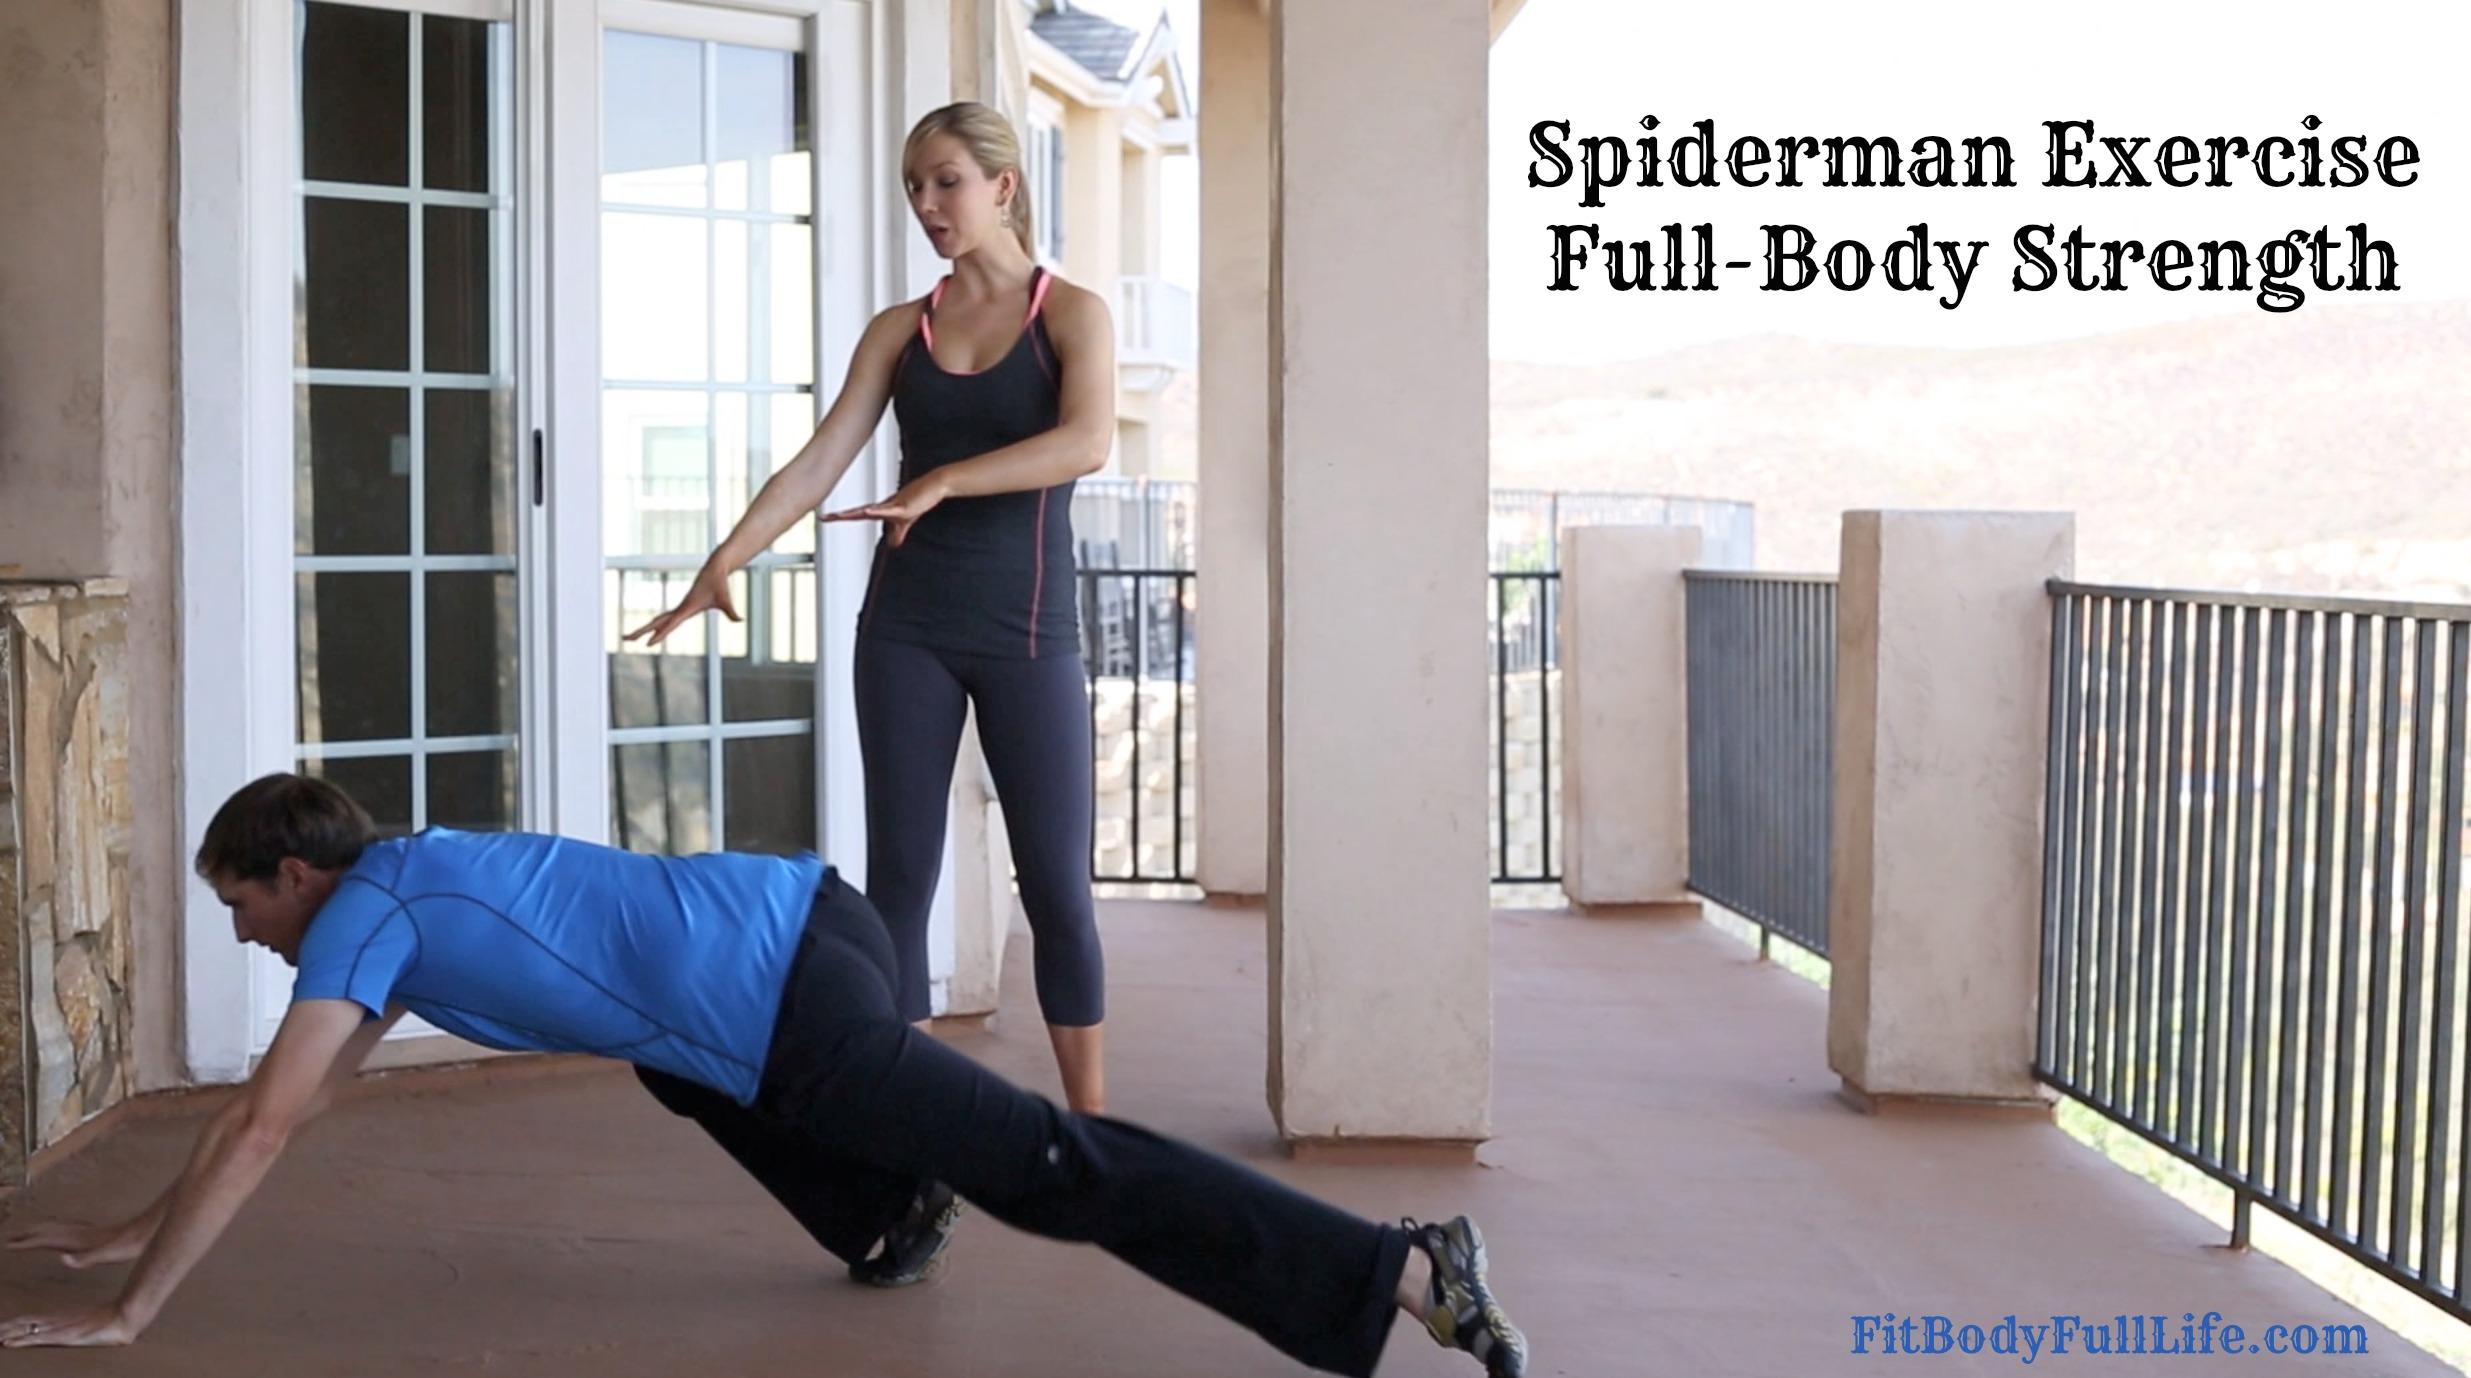 Spiderman Exercise - Full-Body Strength